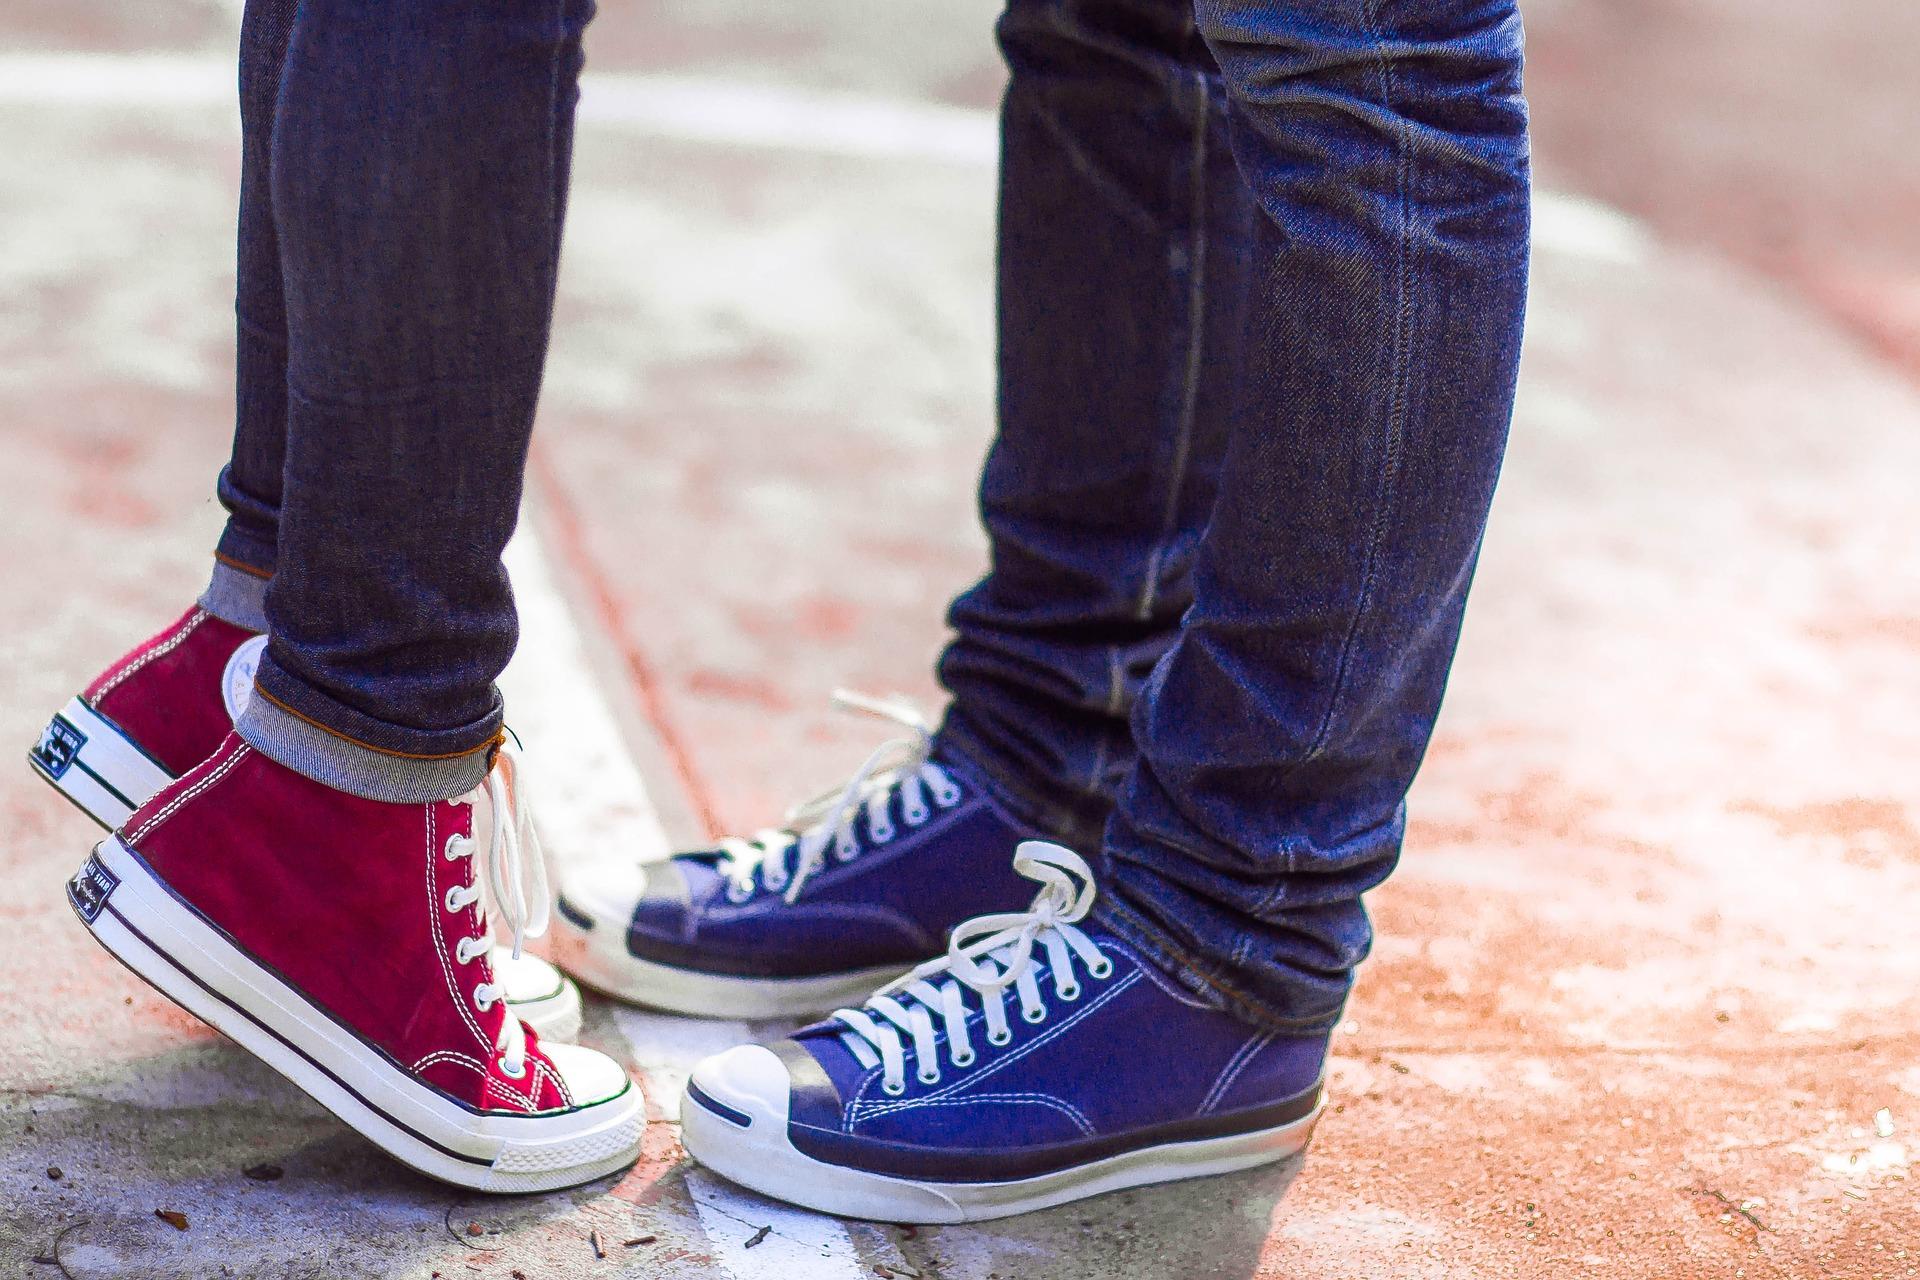 ¿Cuál es el modelo Converse más popular?